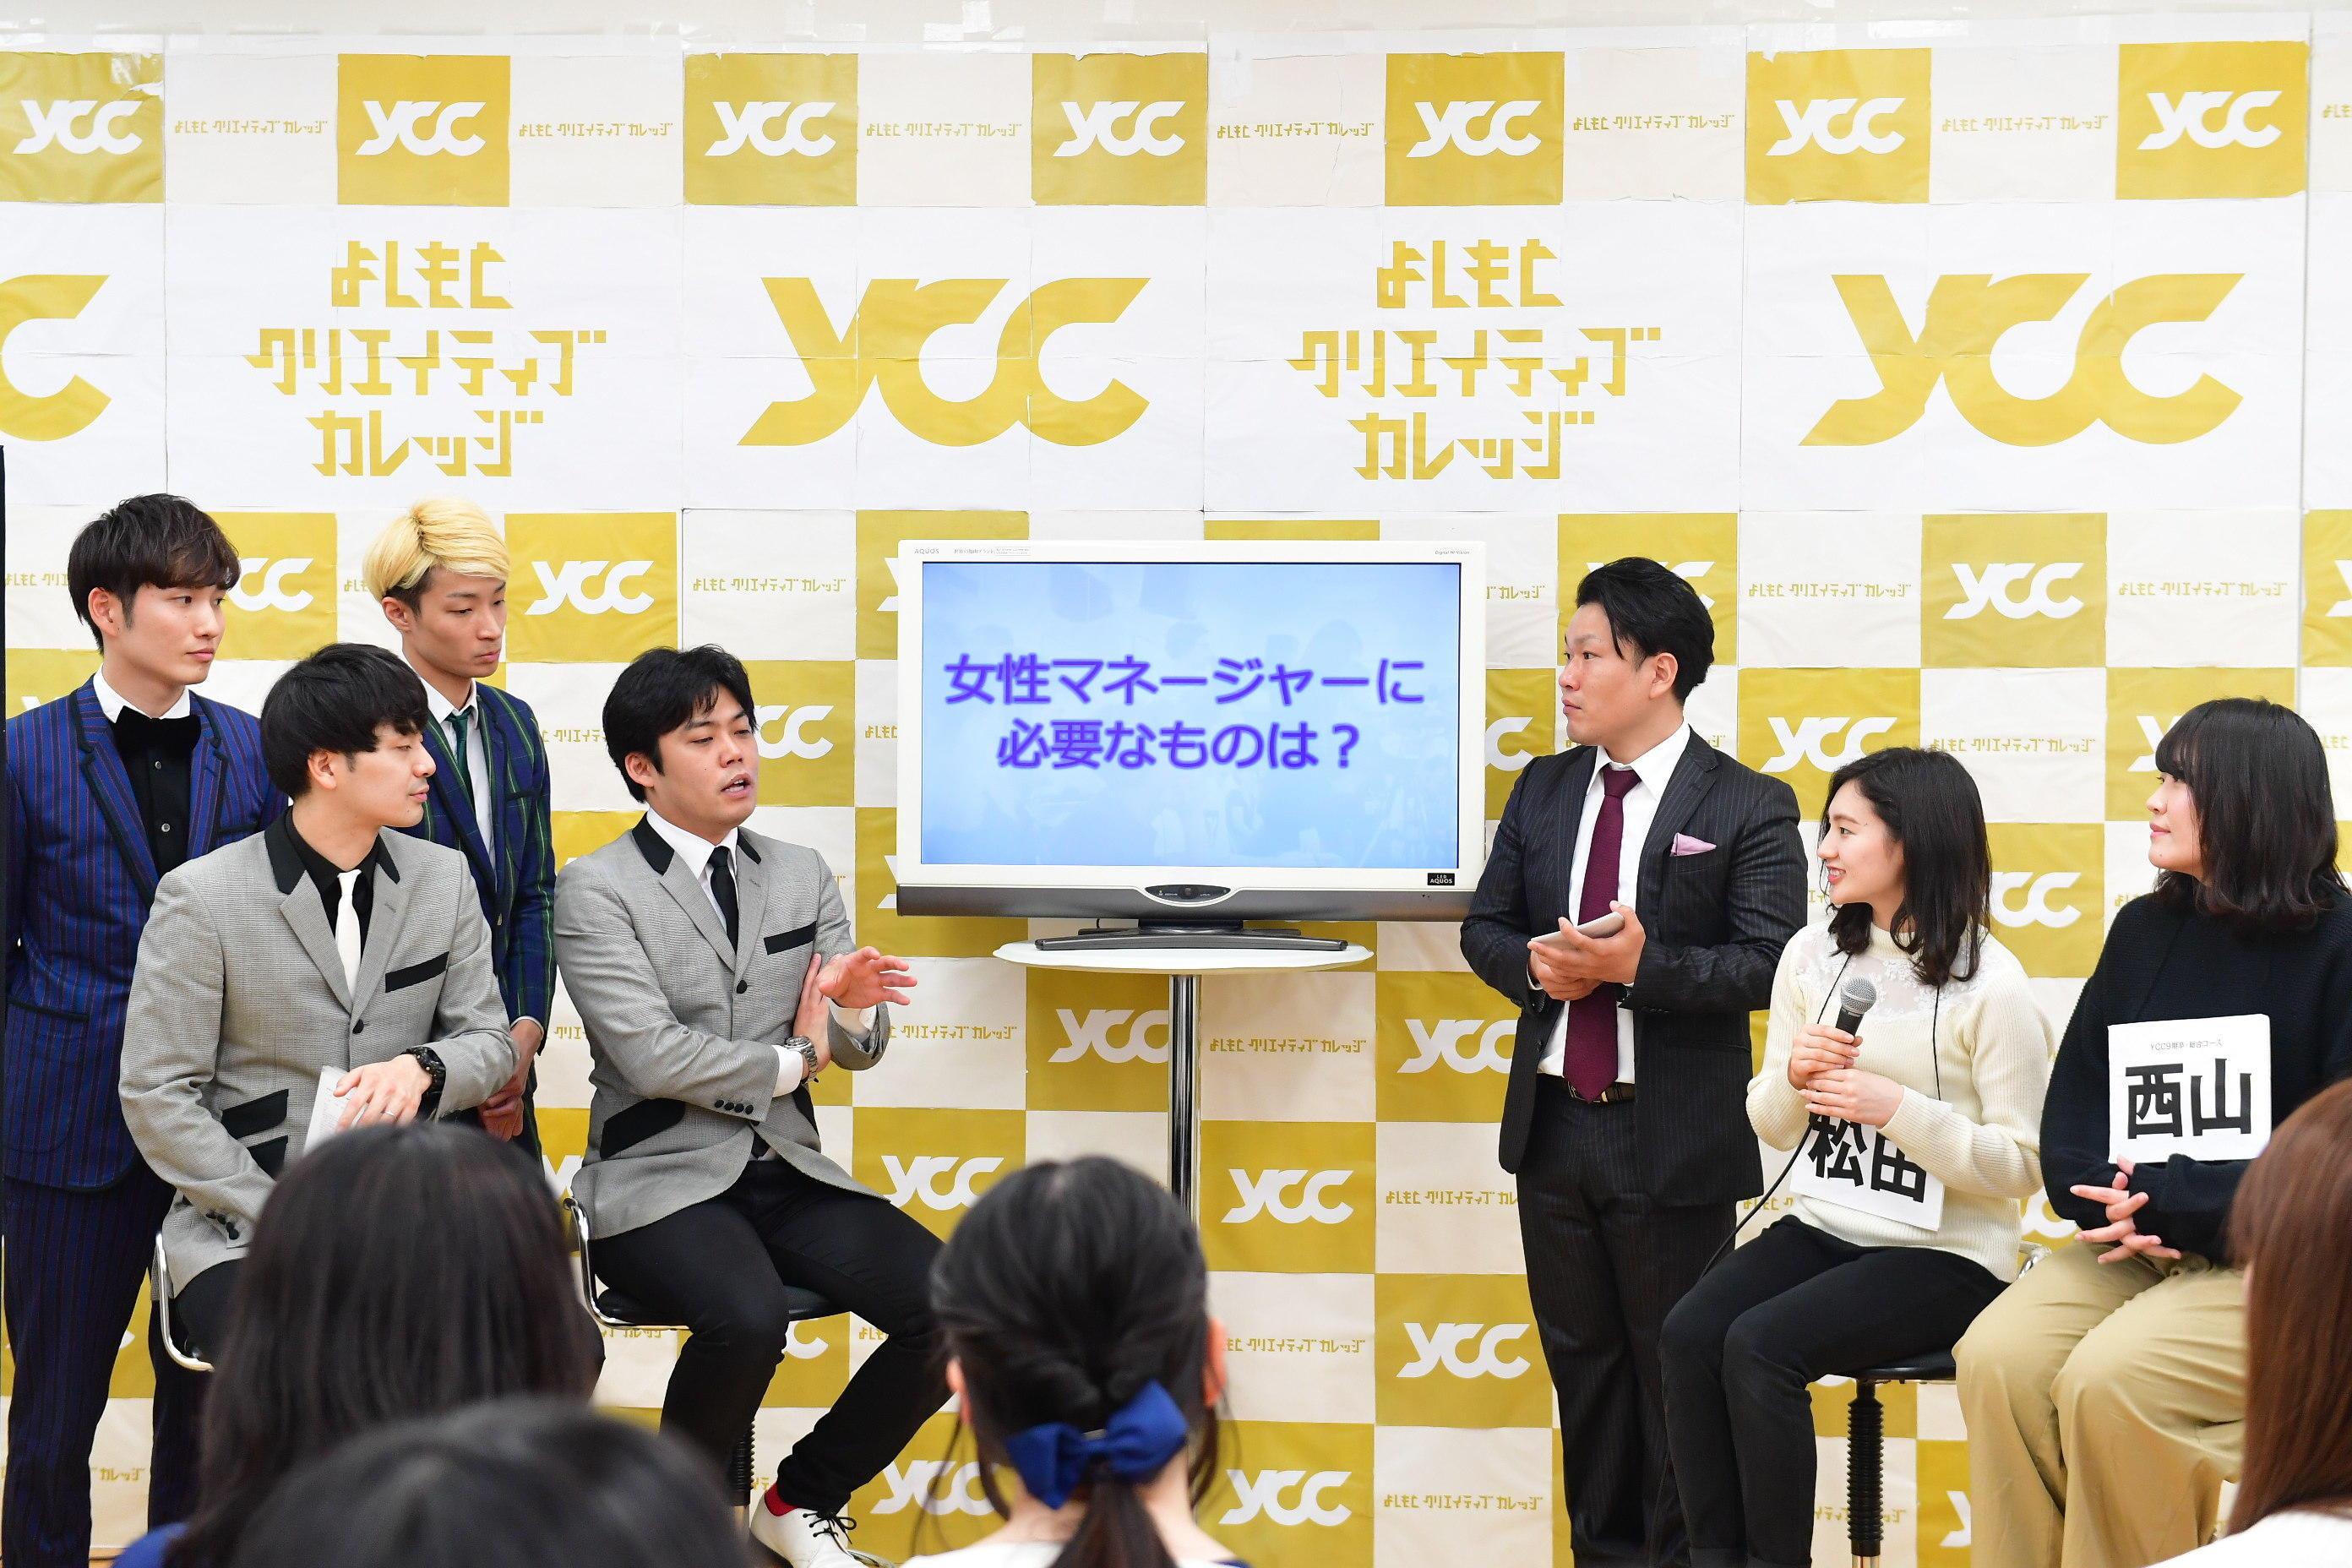 http://news.yoshimoto.co.jp/20180415153620-cd9c213c295708d2d57c35746a3458d523e38e4c.jpg